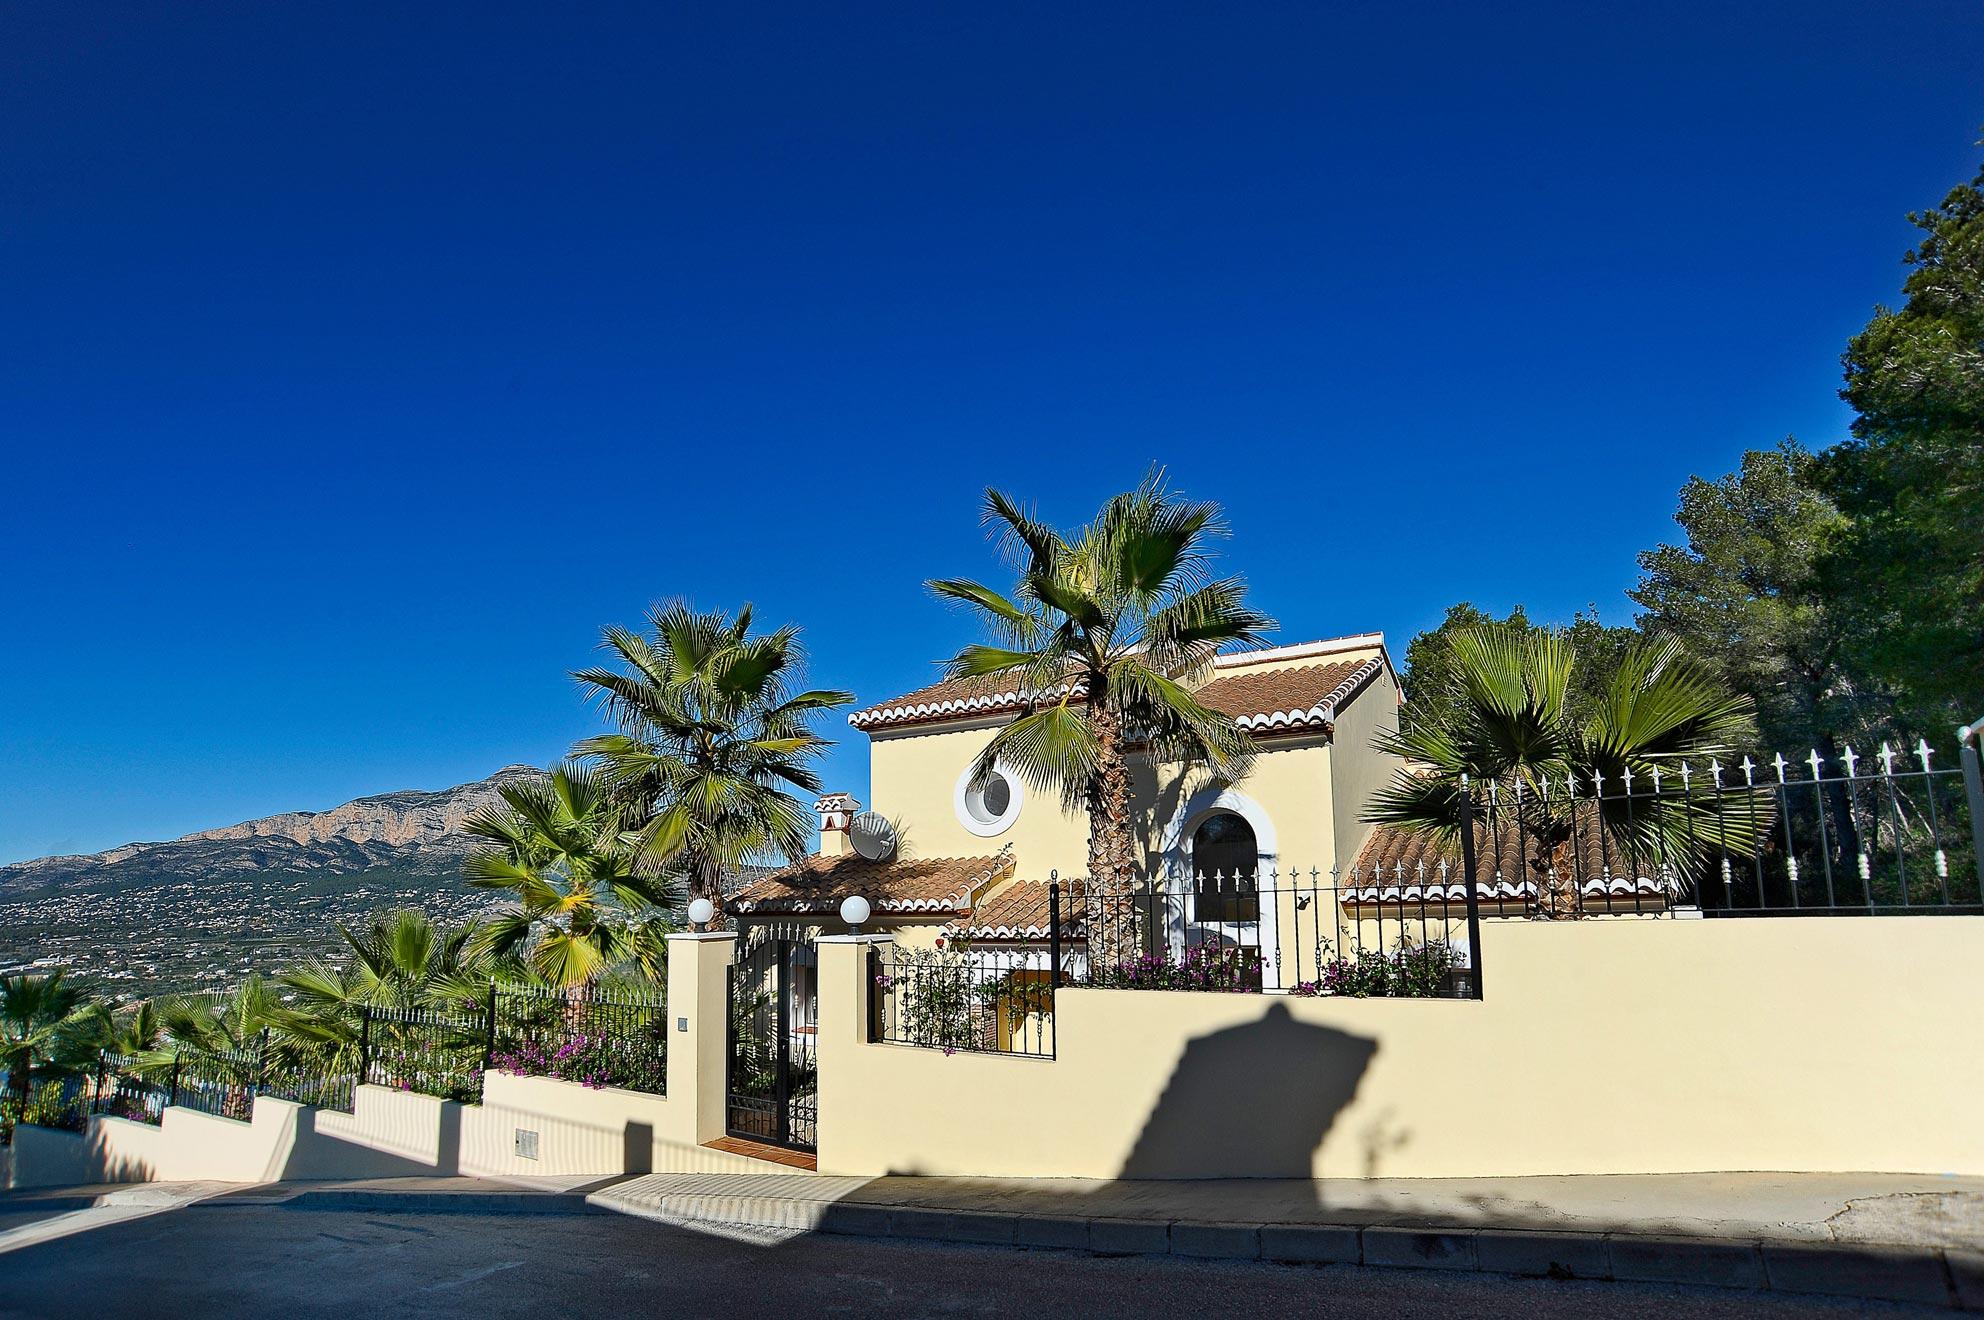 Vakantiehuis in Spanje huren